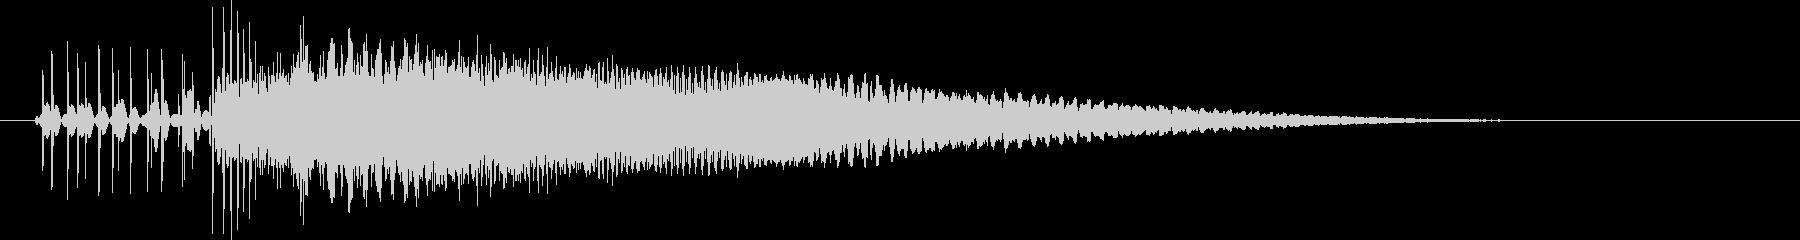 8bit音源の(波動砲ビーム音)2の未再生の波形